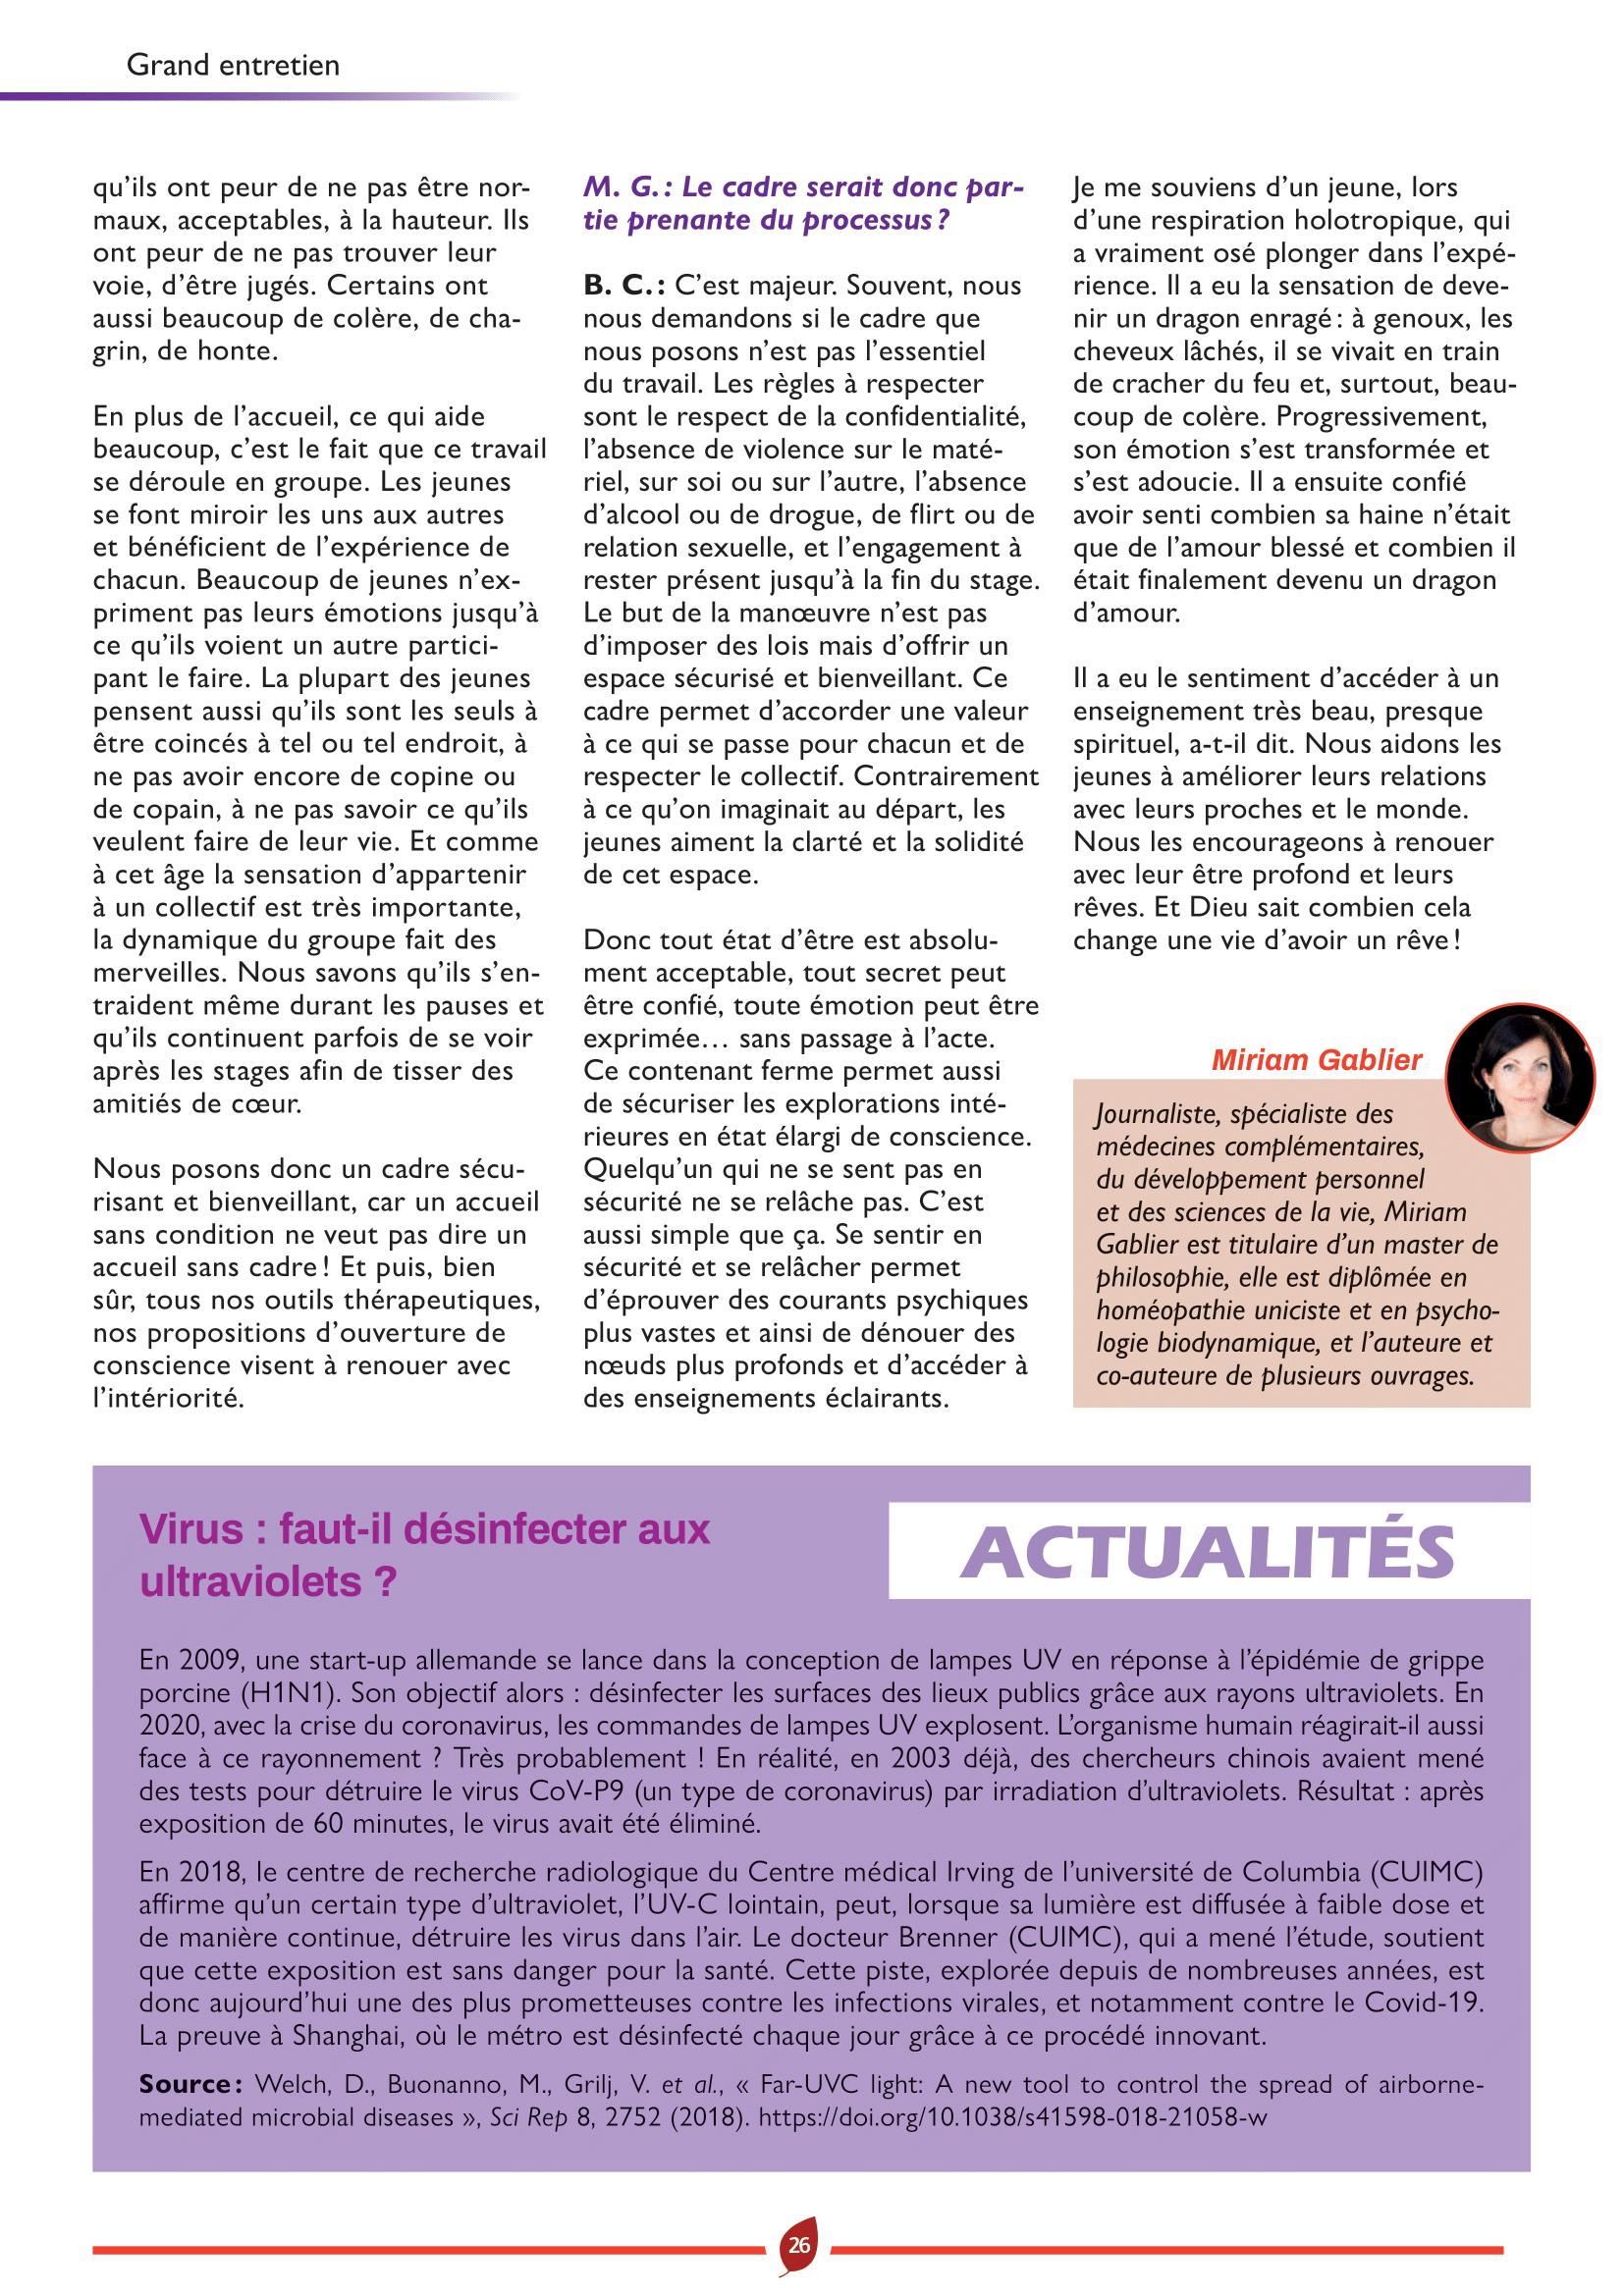 MEX28_ITW-CHAVAS-PAR-GABLIER-4.png